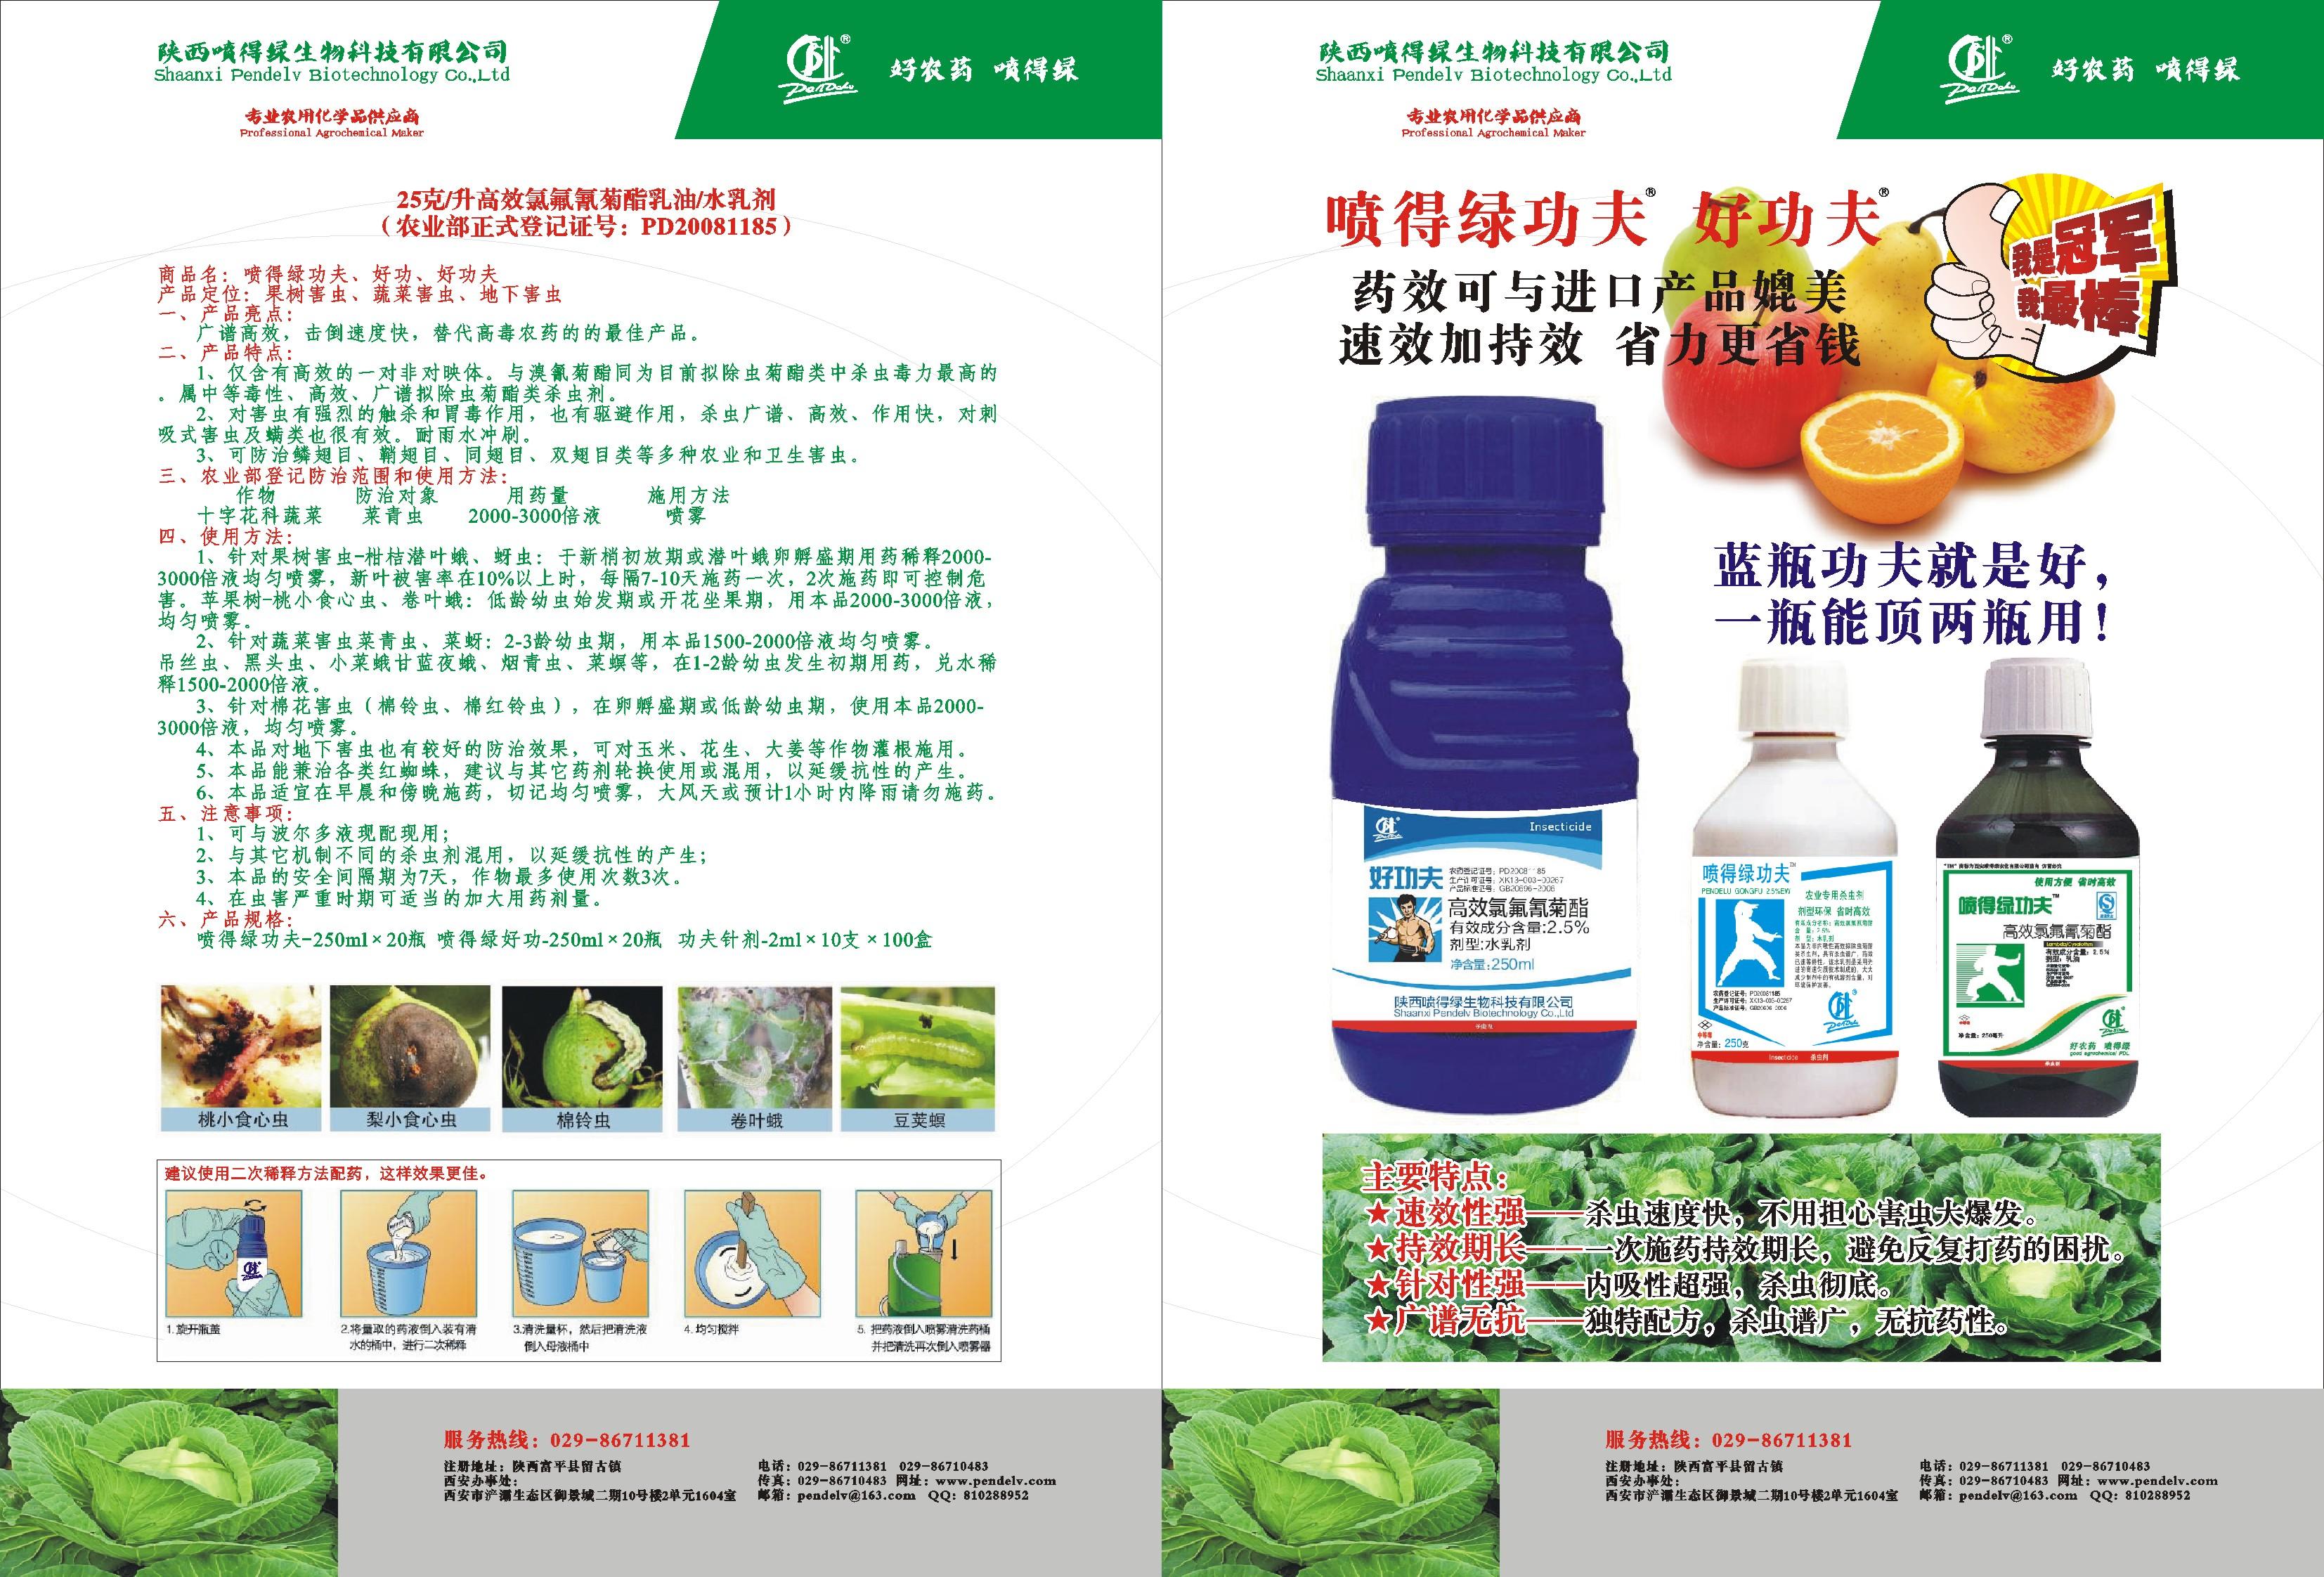 殺蟲劑——2.5-高效氯氟氰菊酯乳油